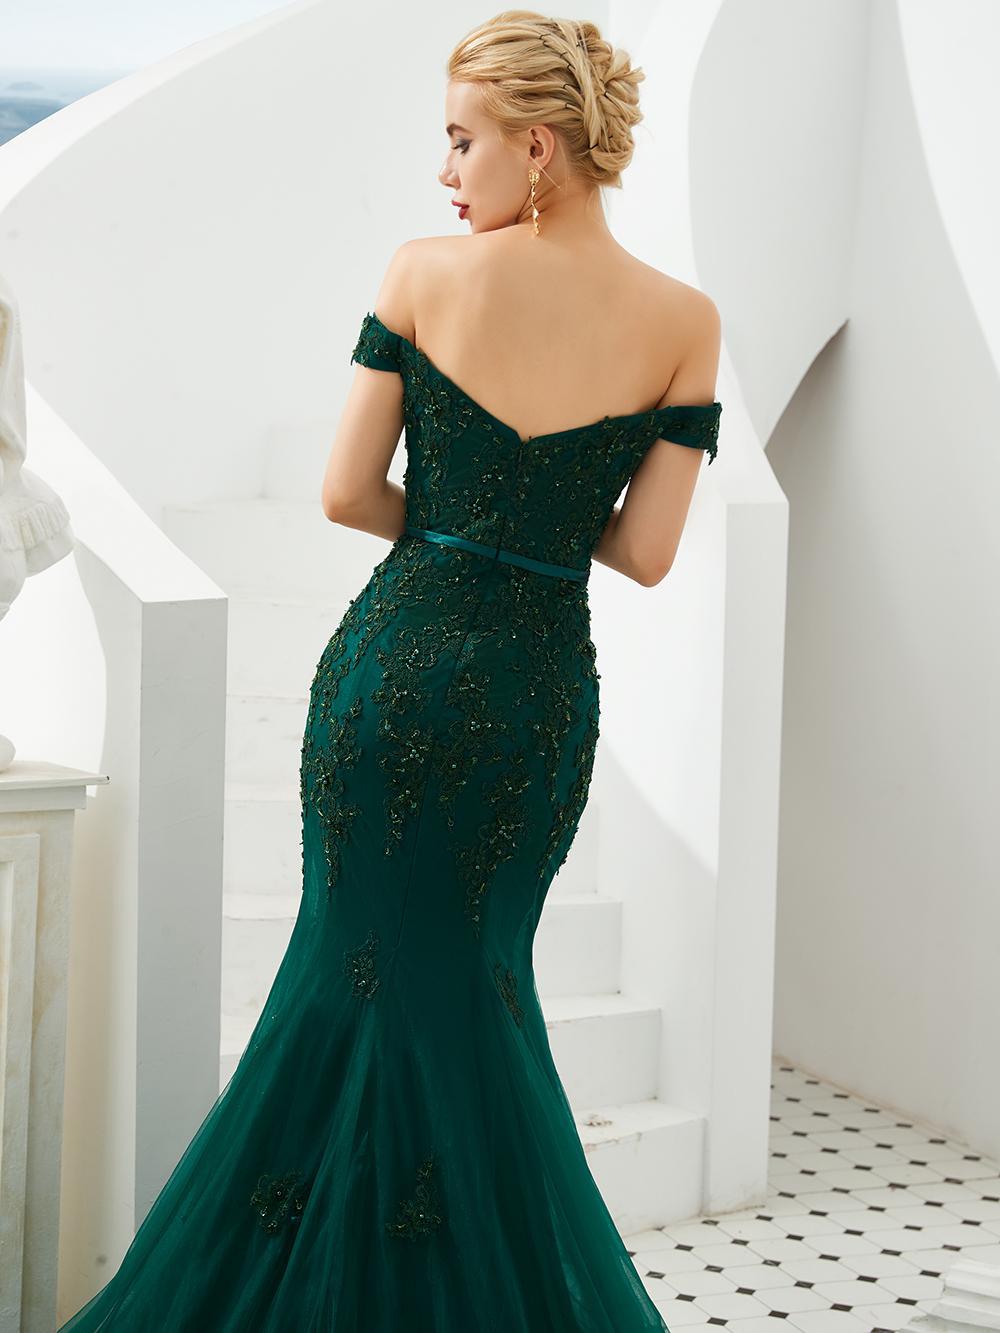 Женское вечернее платье с юбкой-годе, Элегантное Длинное платье подружки невесты с открытой спиной, аппликацией и блестками, 2021